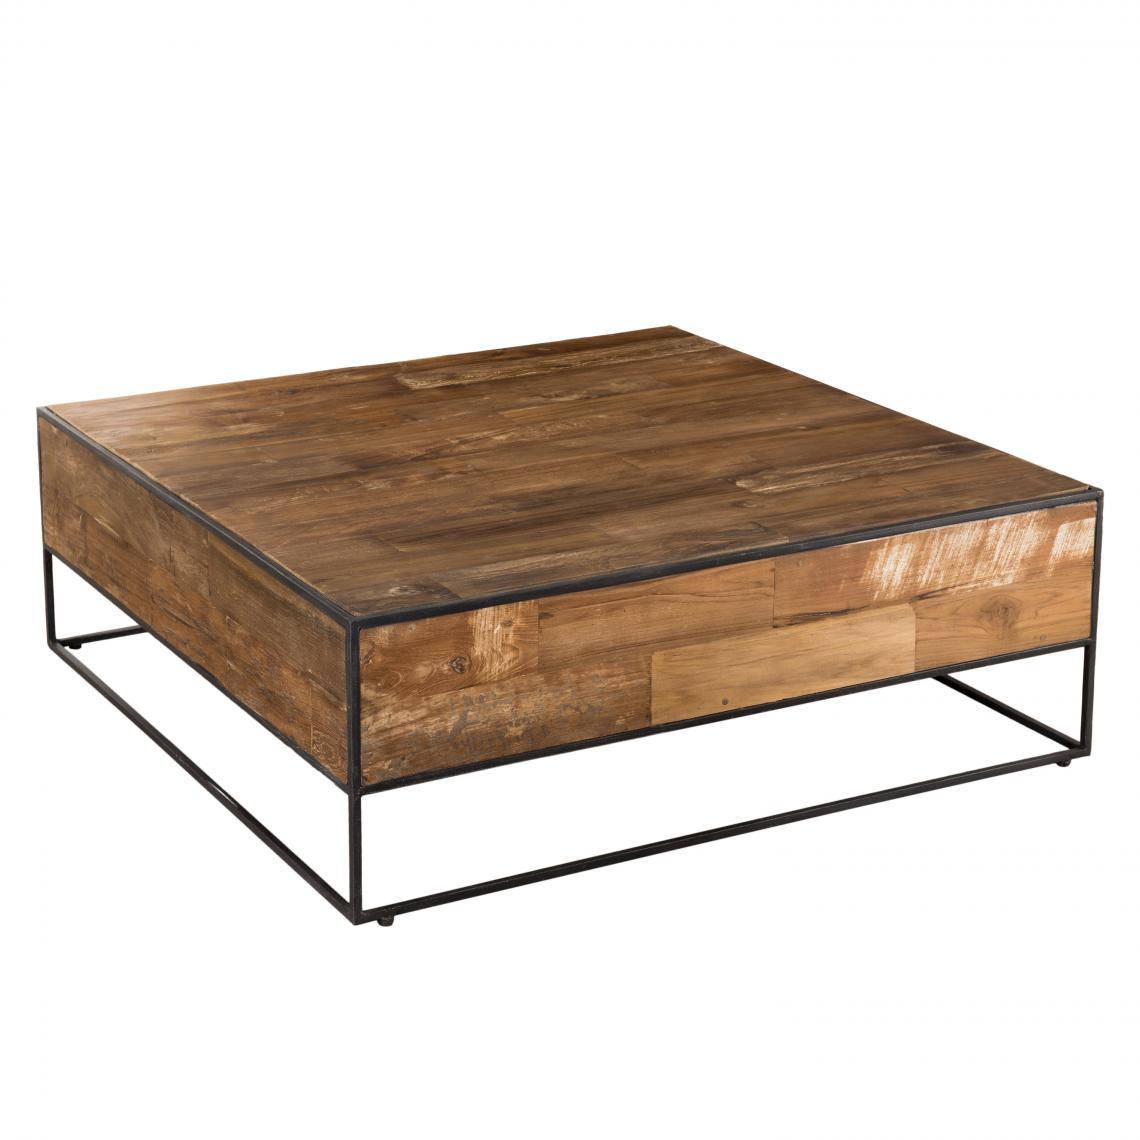 table basse carree bois de teck recycle